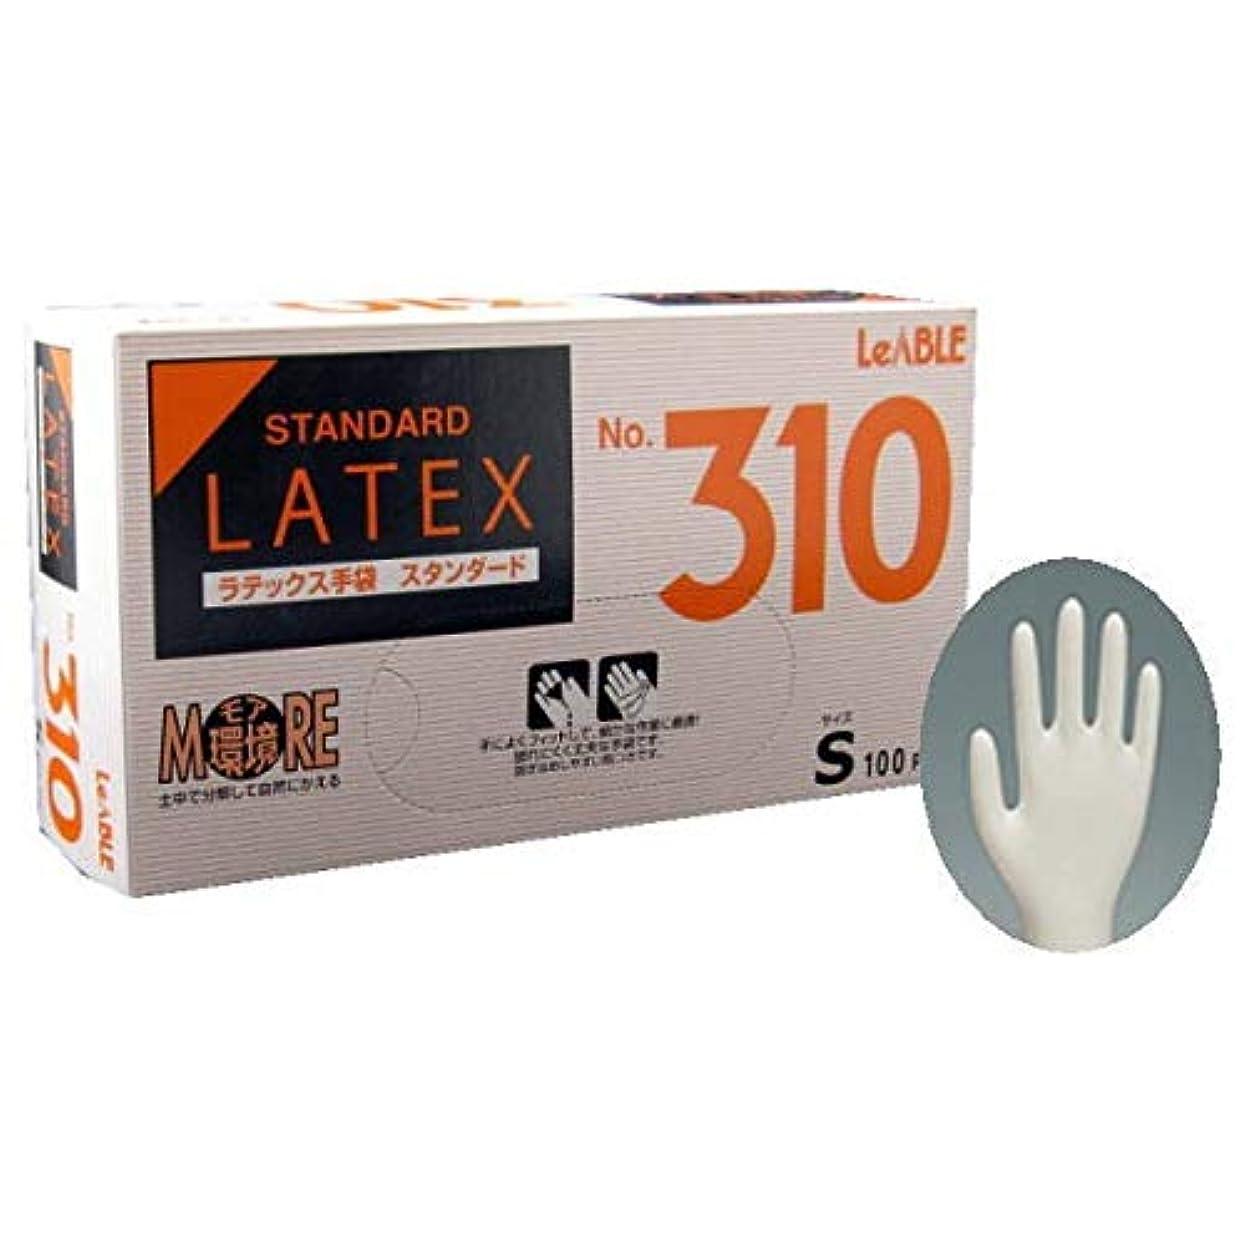 科学革新ストラトフォードオンエイボンNo.310 ラテックススタンダード 粉付 (S) 白 100枚入20箱